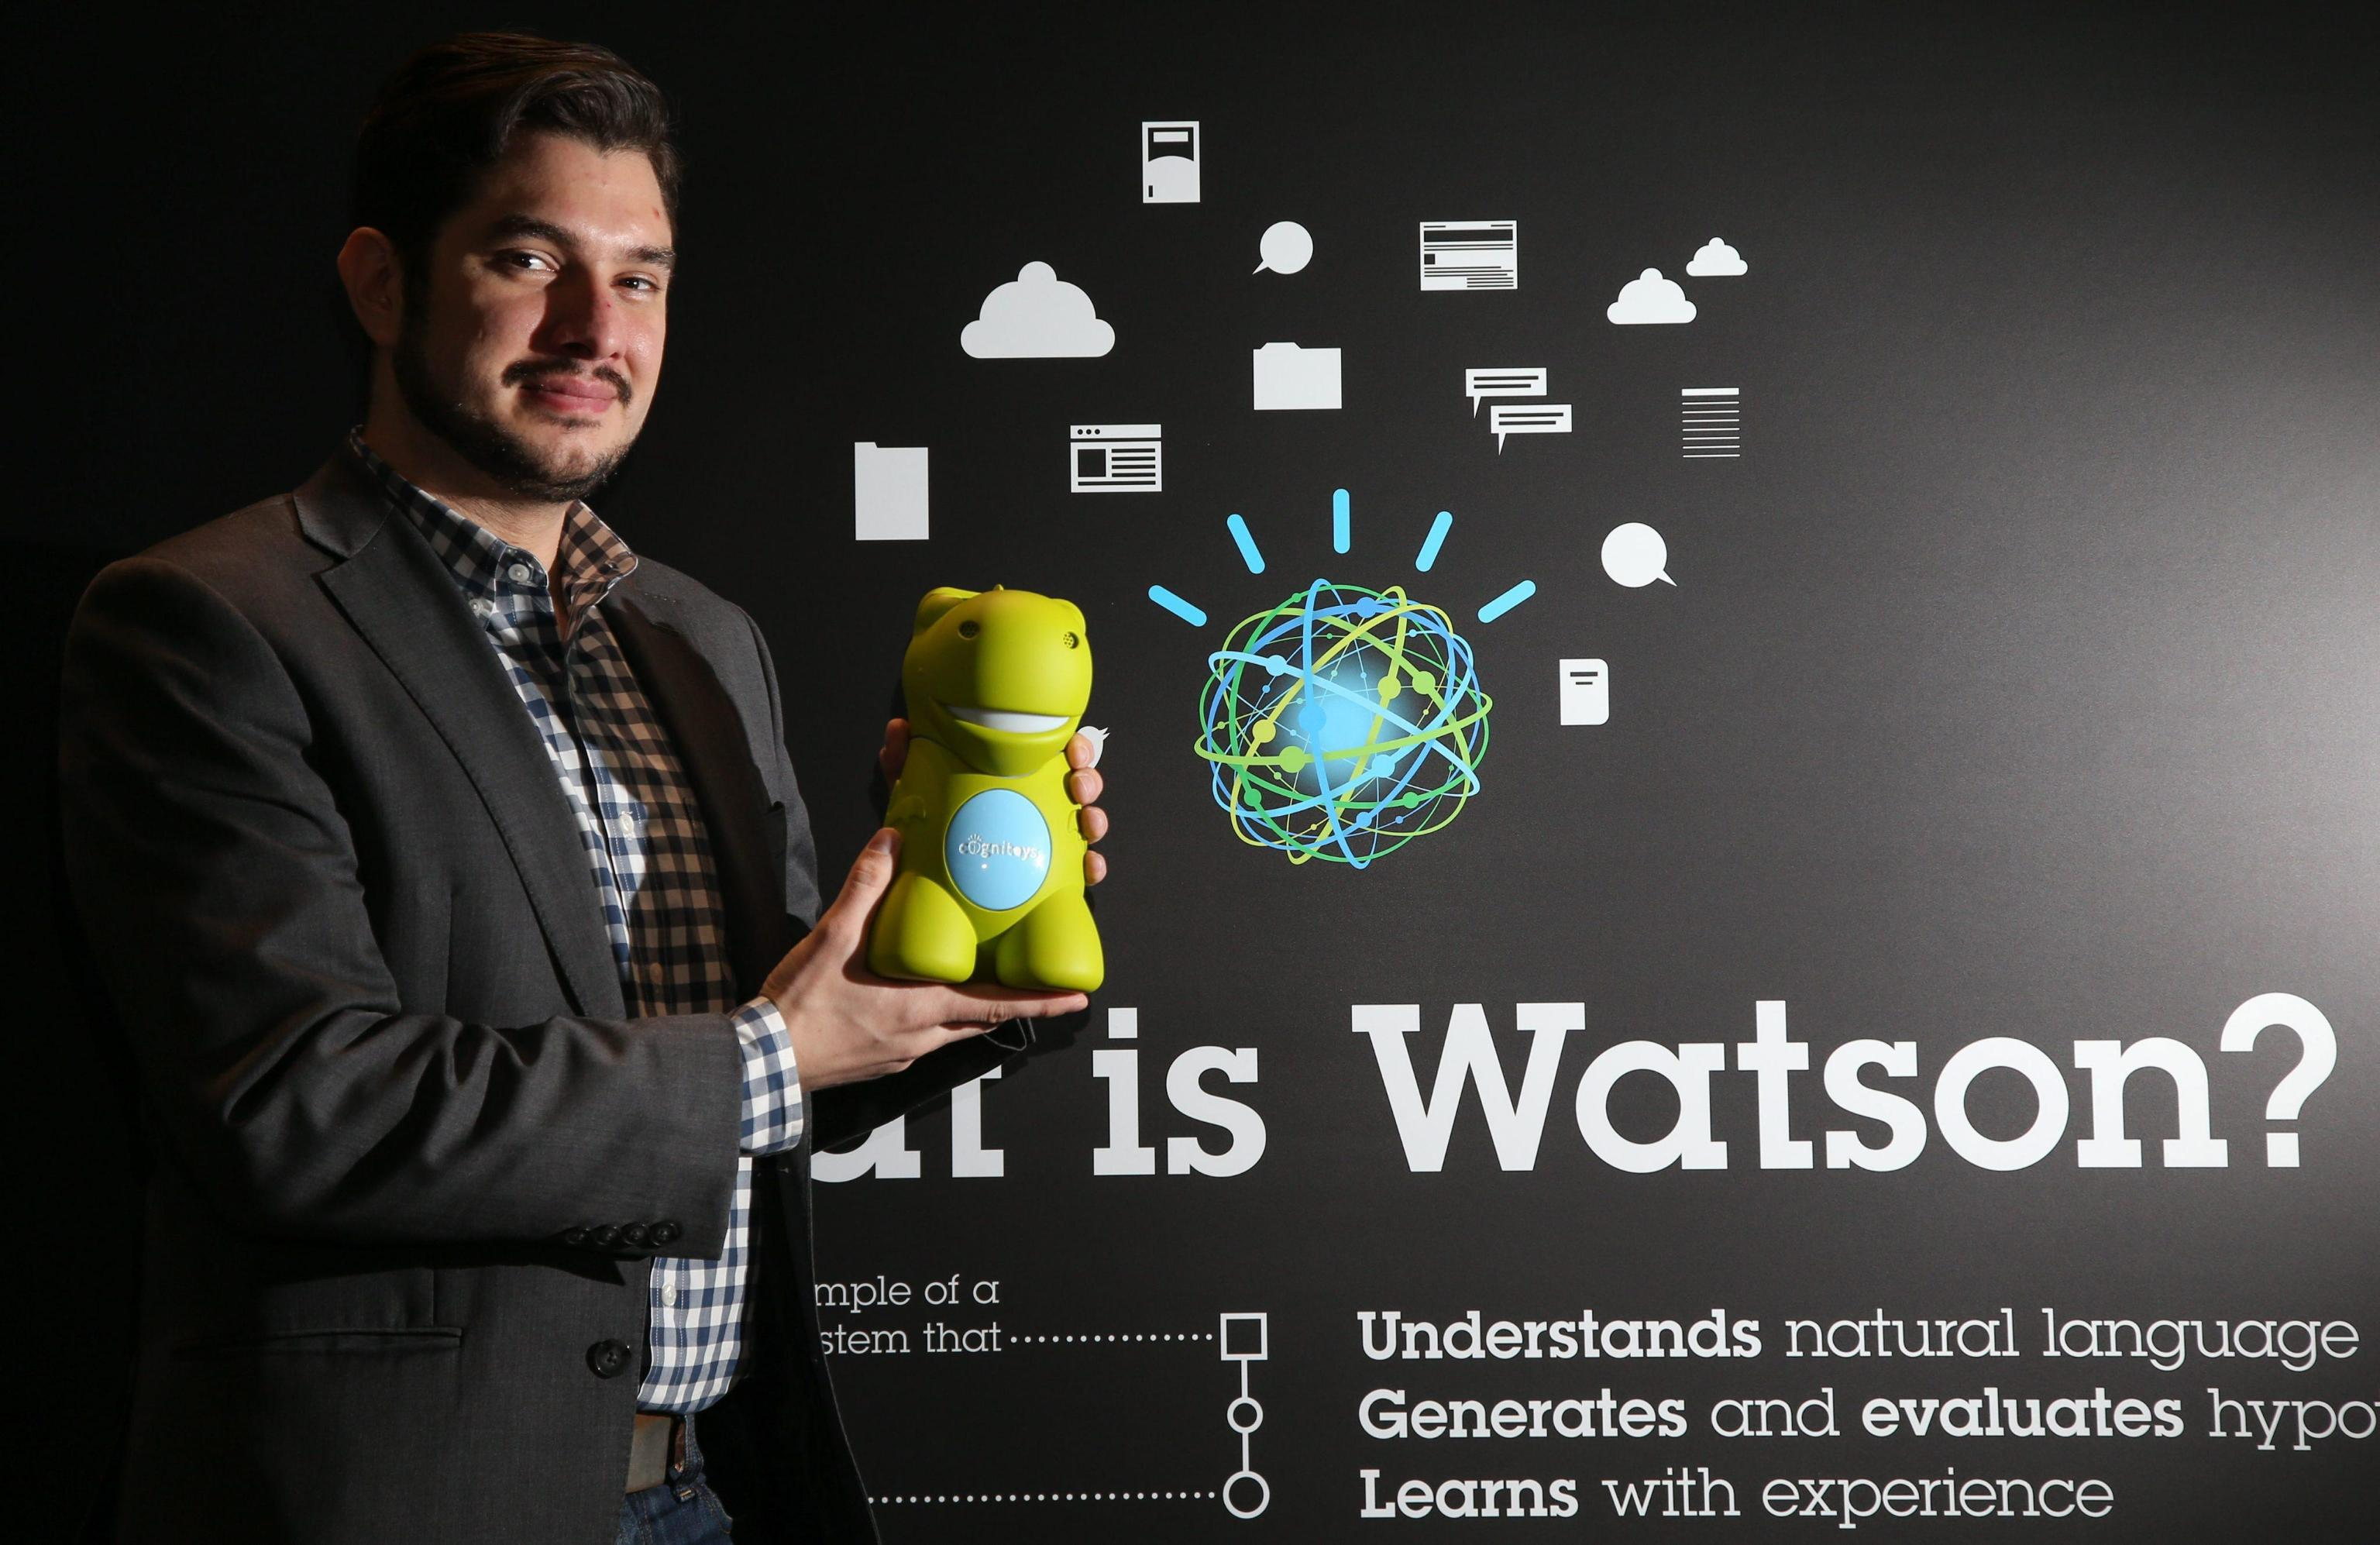 Asco 2017: i dati su IBM Watson for Oncology sono incoraggianti, novità nella lotta ai tumori